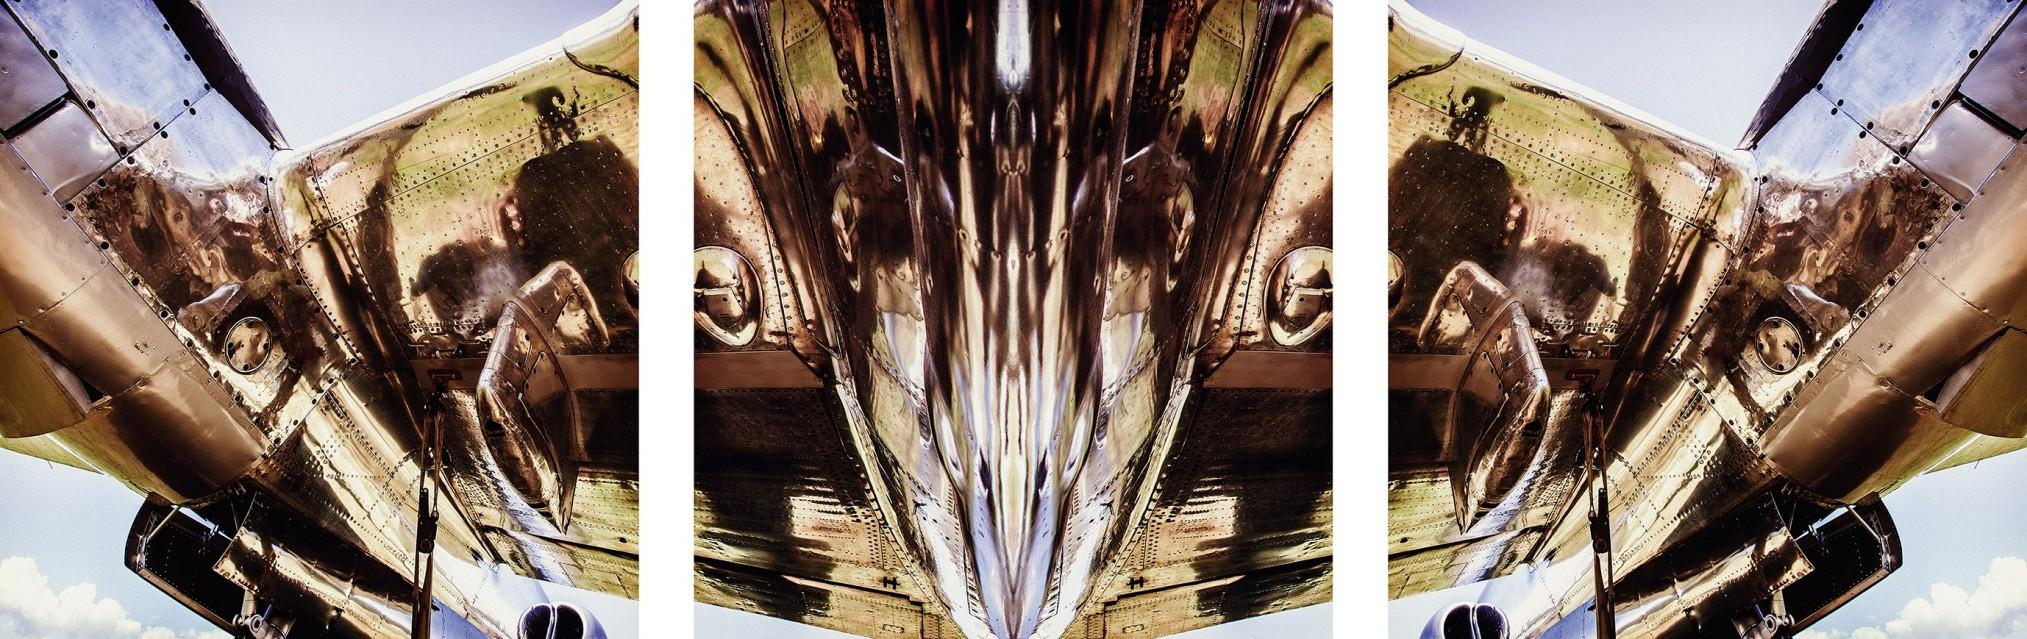 Lightning trip - Manolo CHRETIEN